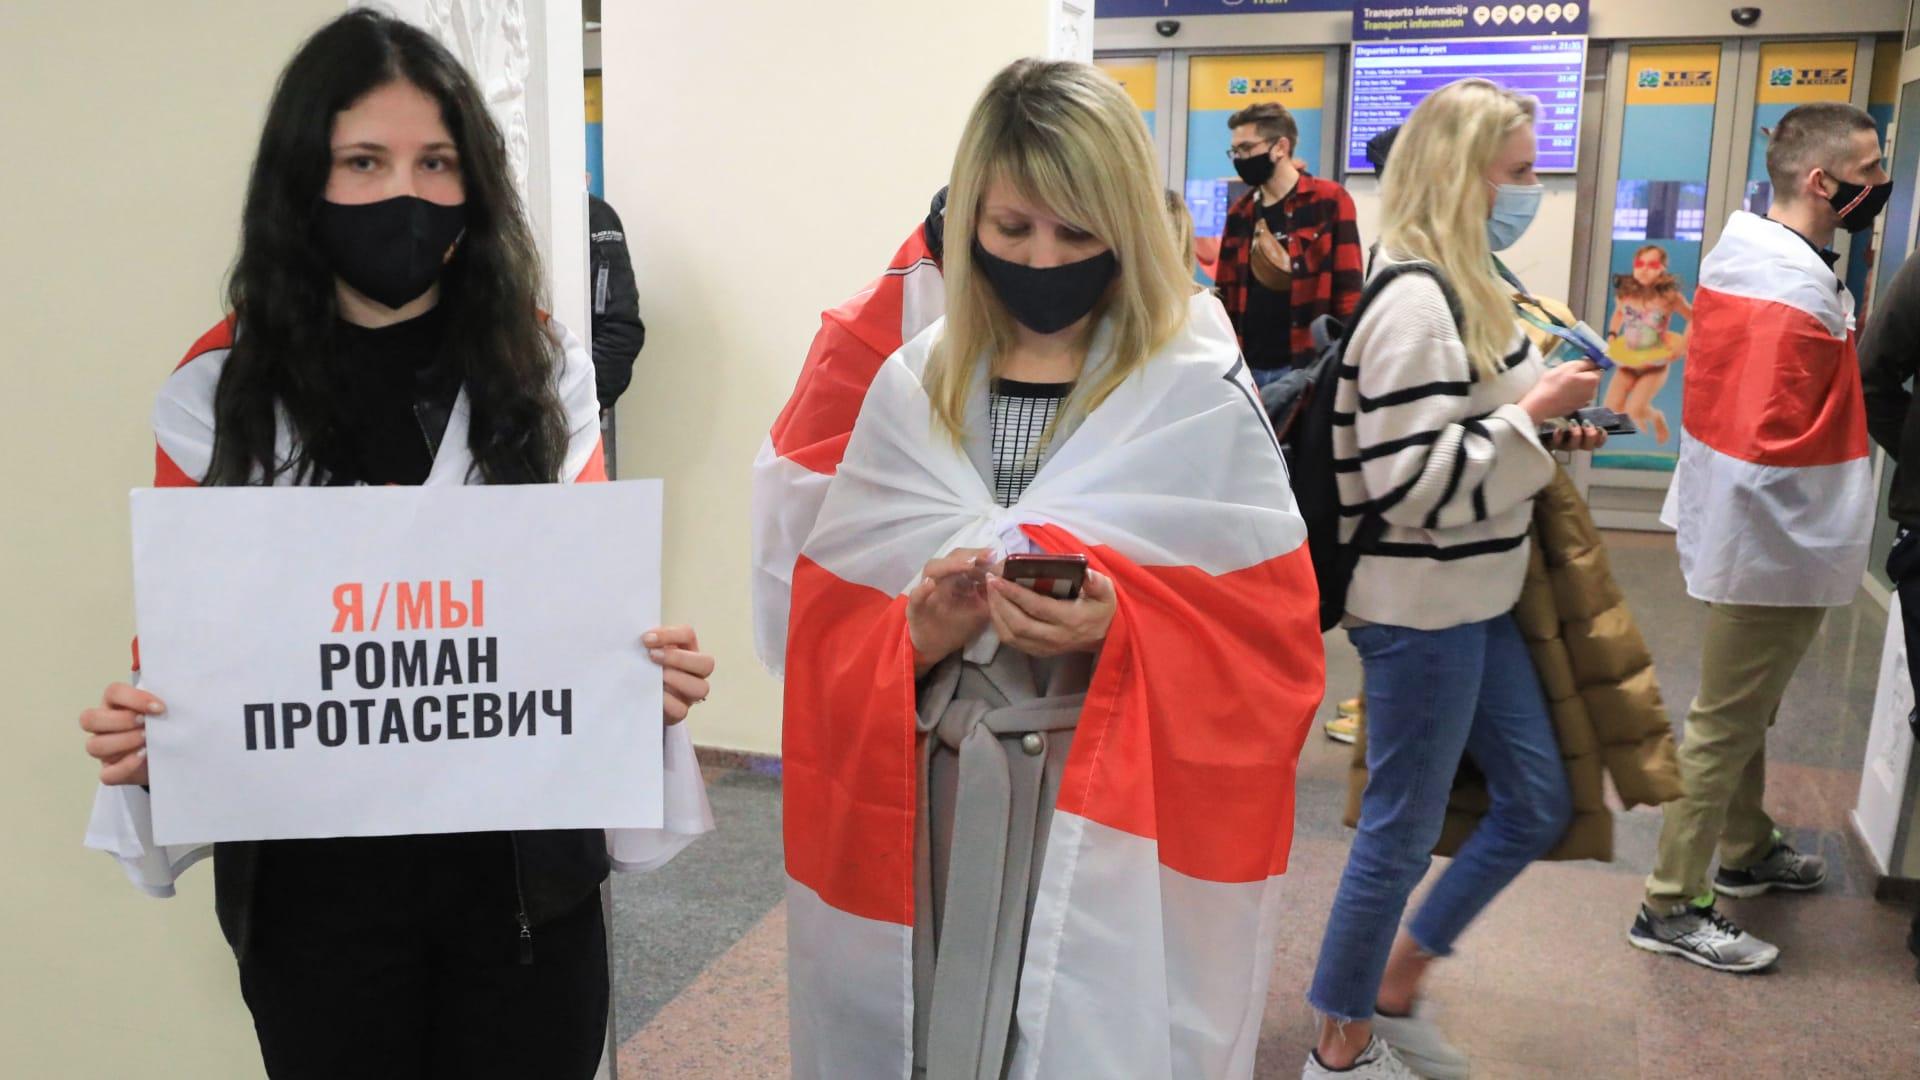 مقاطع مسربة من داخل مراكز شرطة ببيلاروسيا.. وحشية وضرب واغتصاب بالهراوات